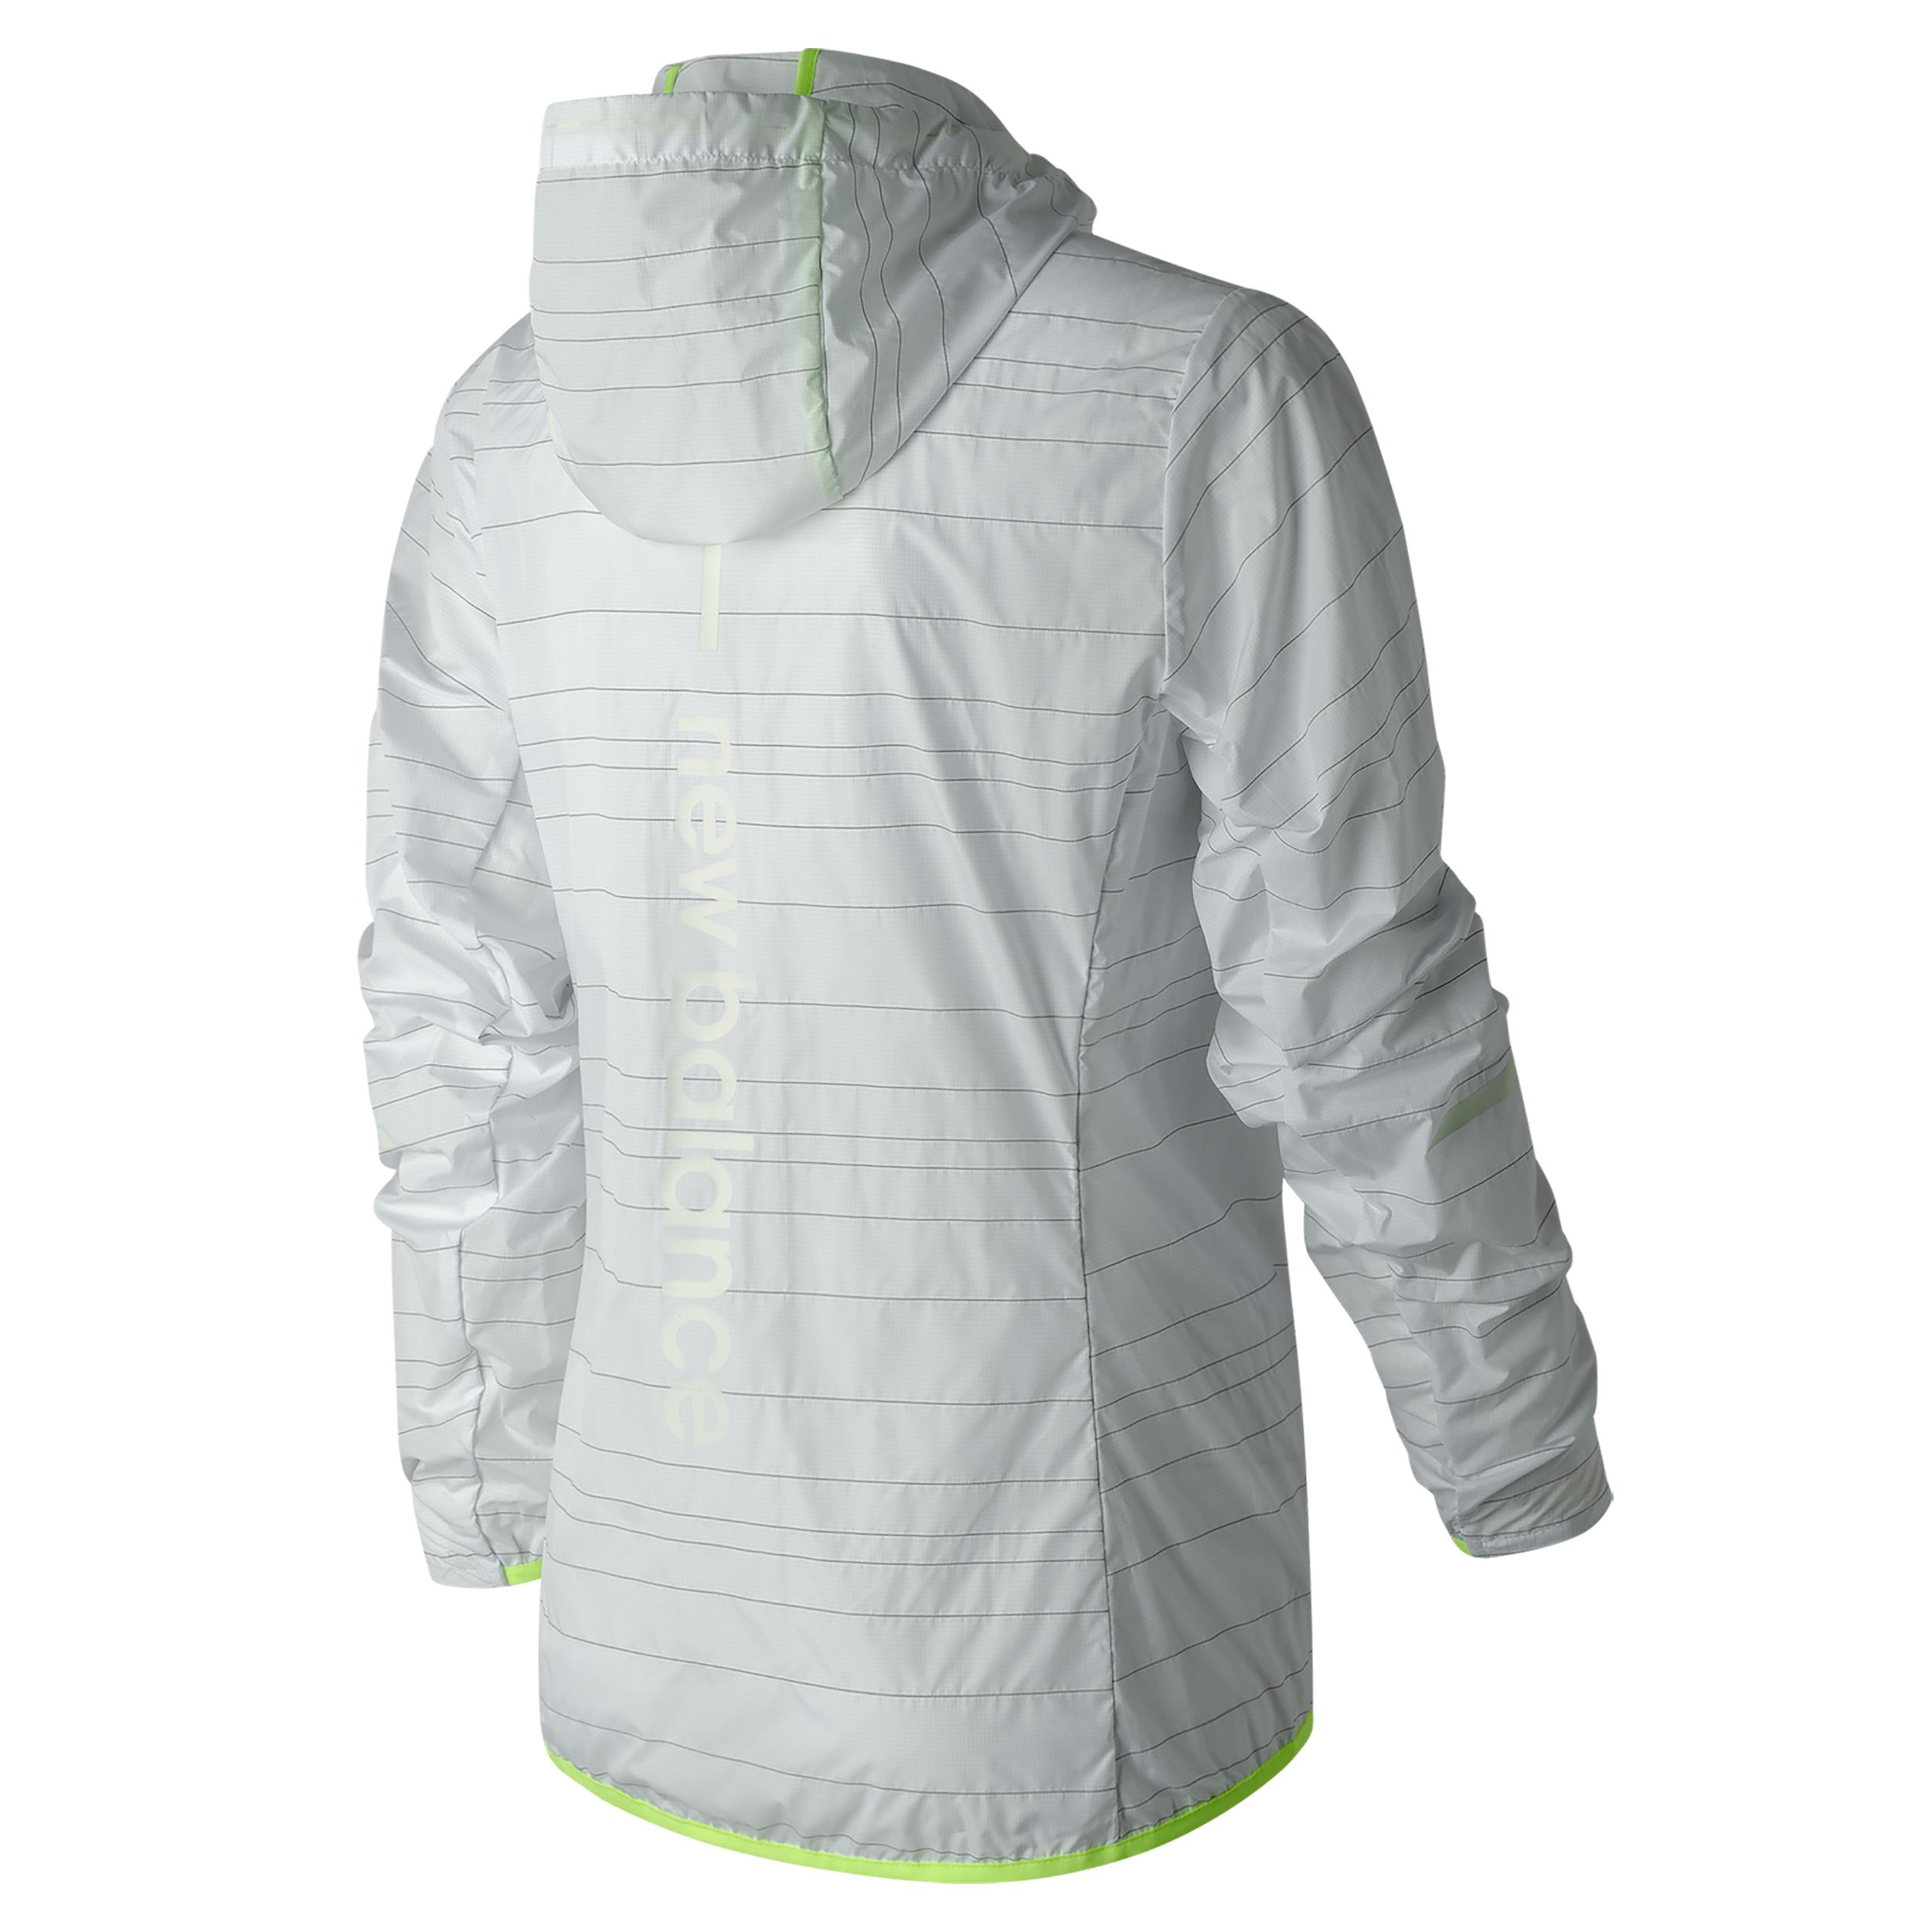 d6e810f16e413 New Balance Reflective Lite Packable Jacket - Women's   MEC